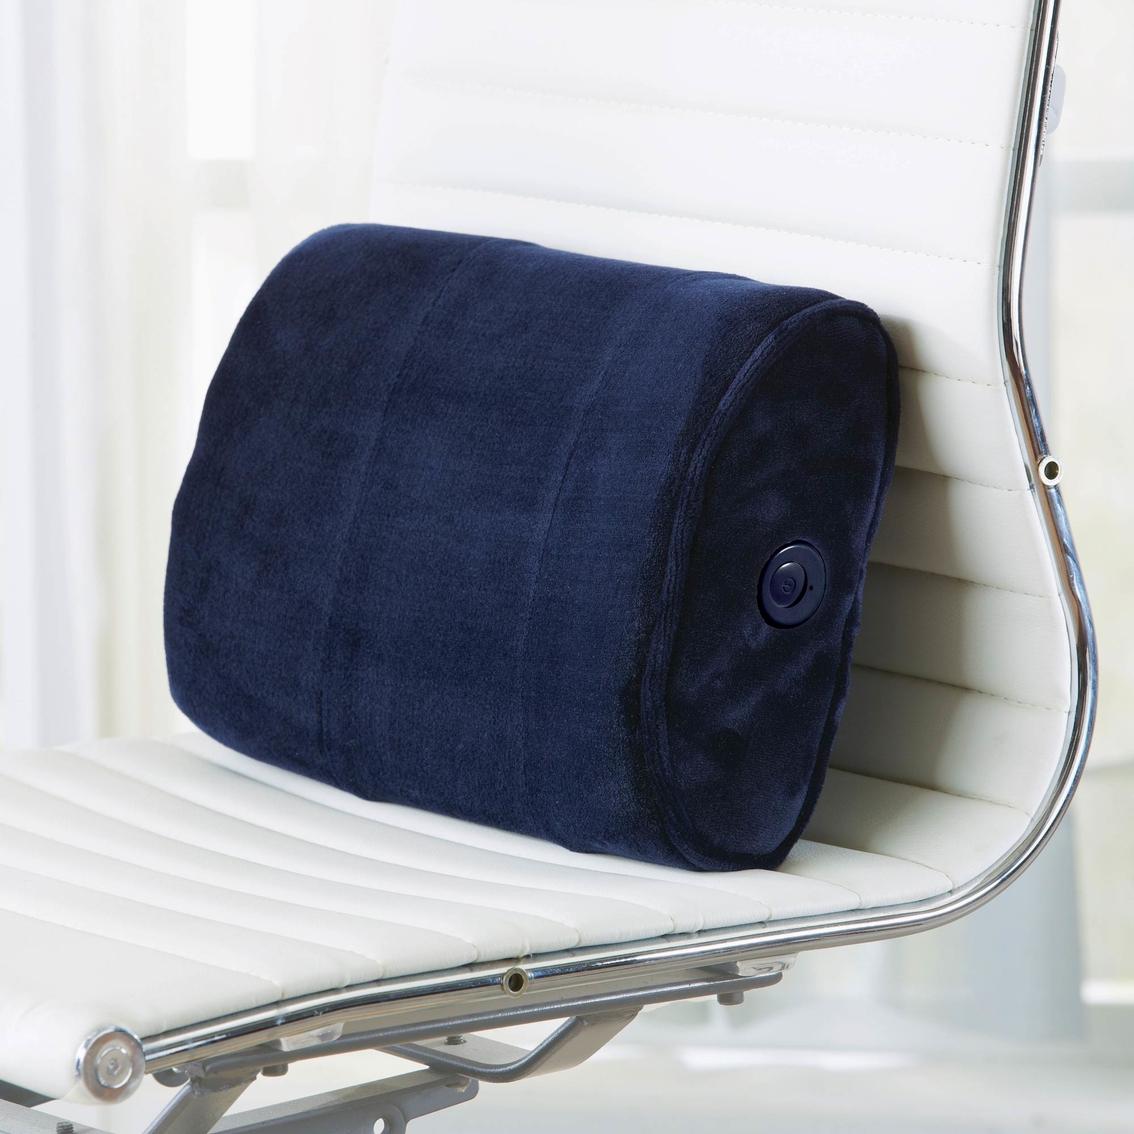 brookstone nap massaging lumbar pillow